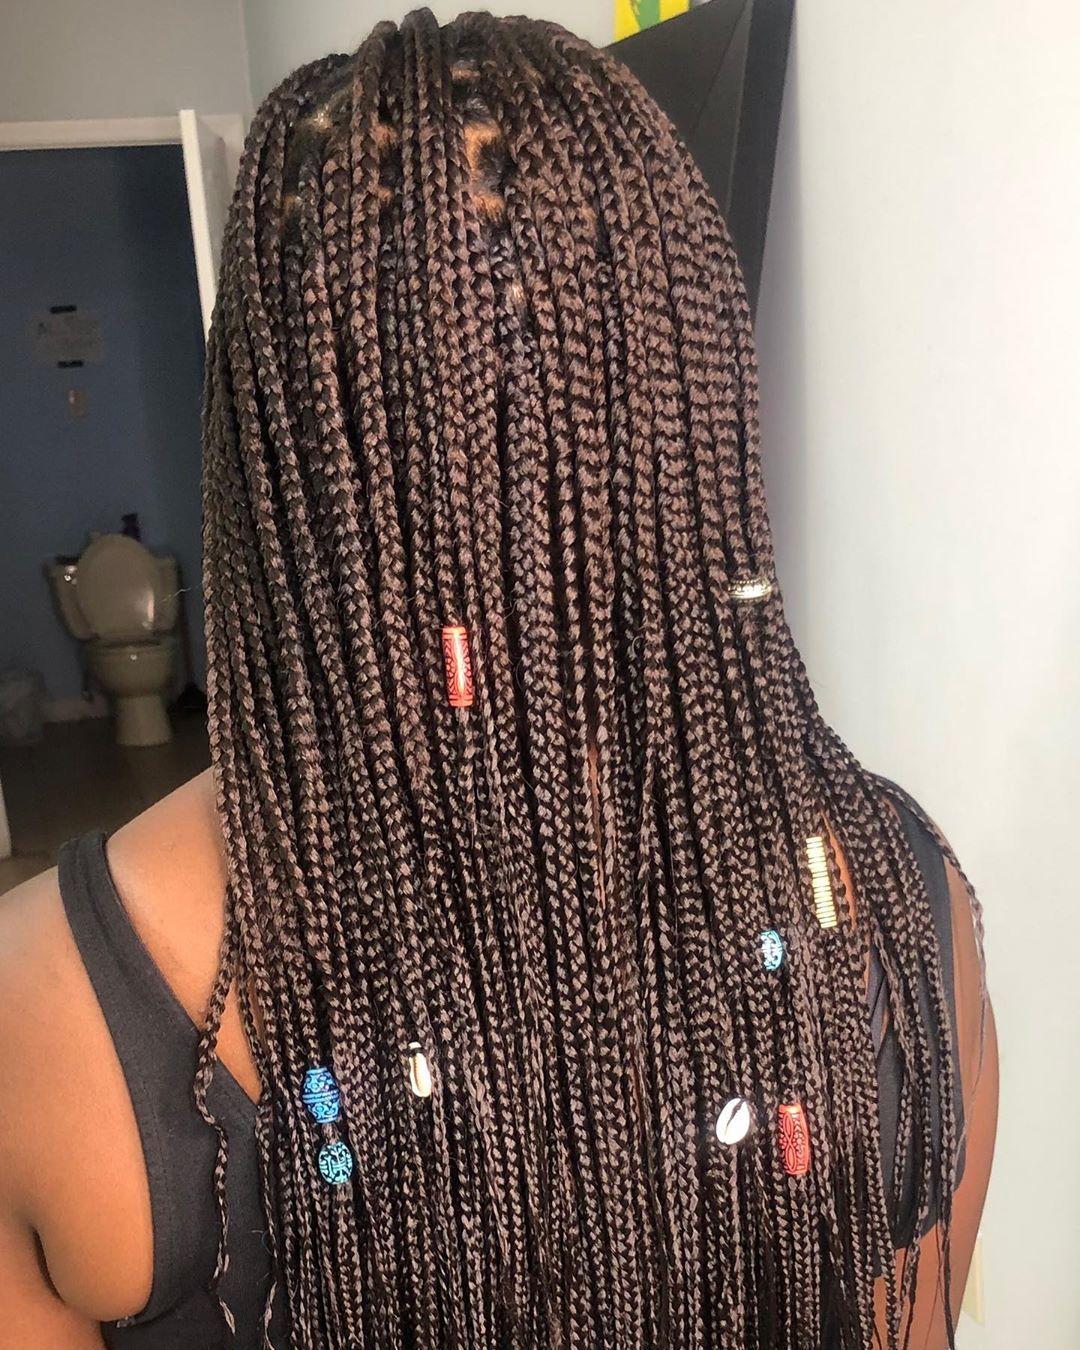 Braids for short hair, Braids for long hair, Braids boho, Braids boho bohemian, Braids boho messy, Braids boho hippie, Braided Hairstyles, Braid styles, Braids easy, Braids hairstyles, Rope Braid, French braid, Goddess Braid, Fishtail braid, Simple braid, Cool braid, Summer braid, Waterfall braid, Braids updo, Braids half up half down, Braids two, Braids tribal, Braids tribal, Braids individual #braids #waterfallbraid #hair #hairstyle #cutehairstyles #updo #twobraids #dutchbraids #braidedhair #t